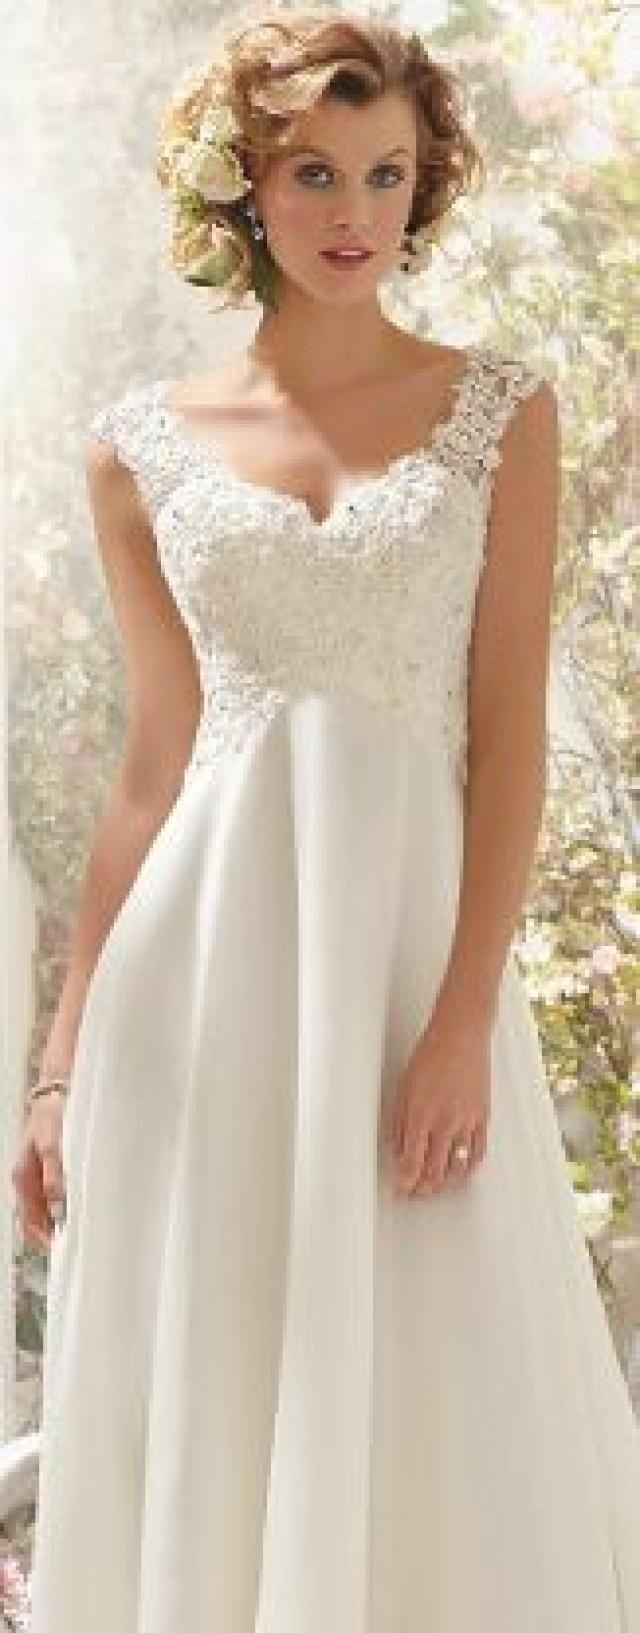 12 best Bridesmaids Dresses images on Pinterest   Brides, Bridesmaid ...